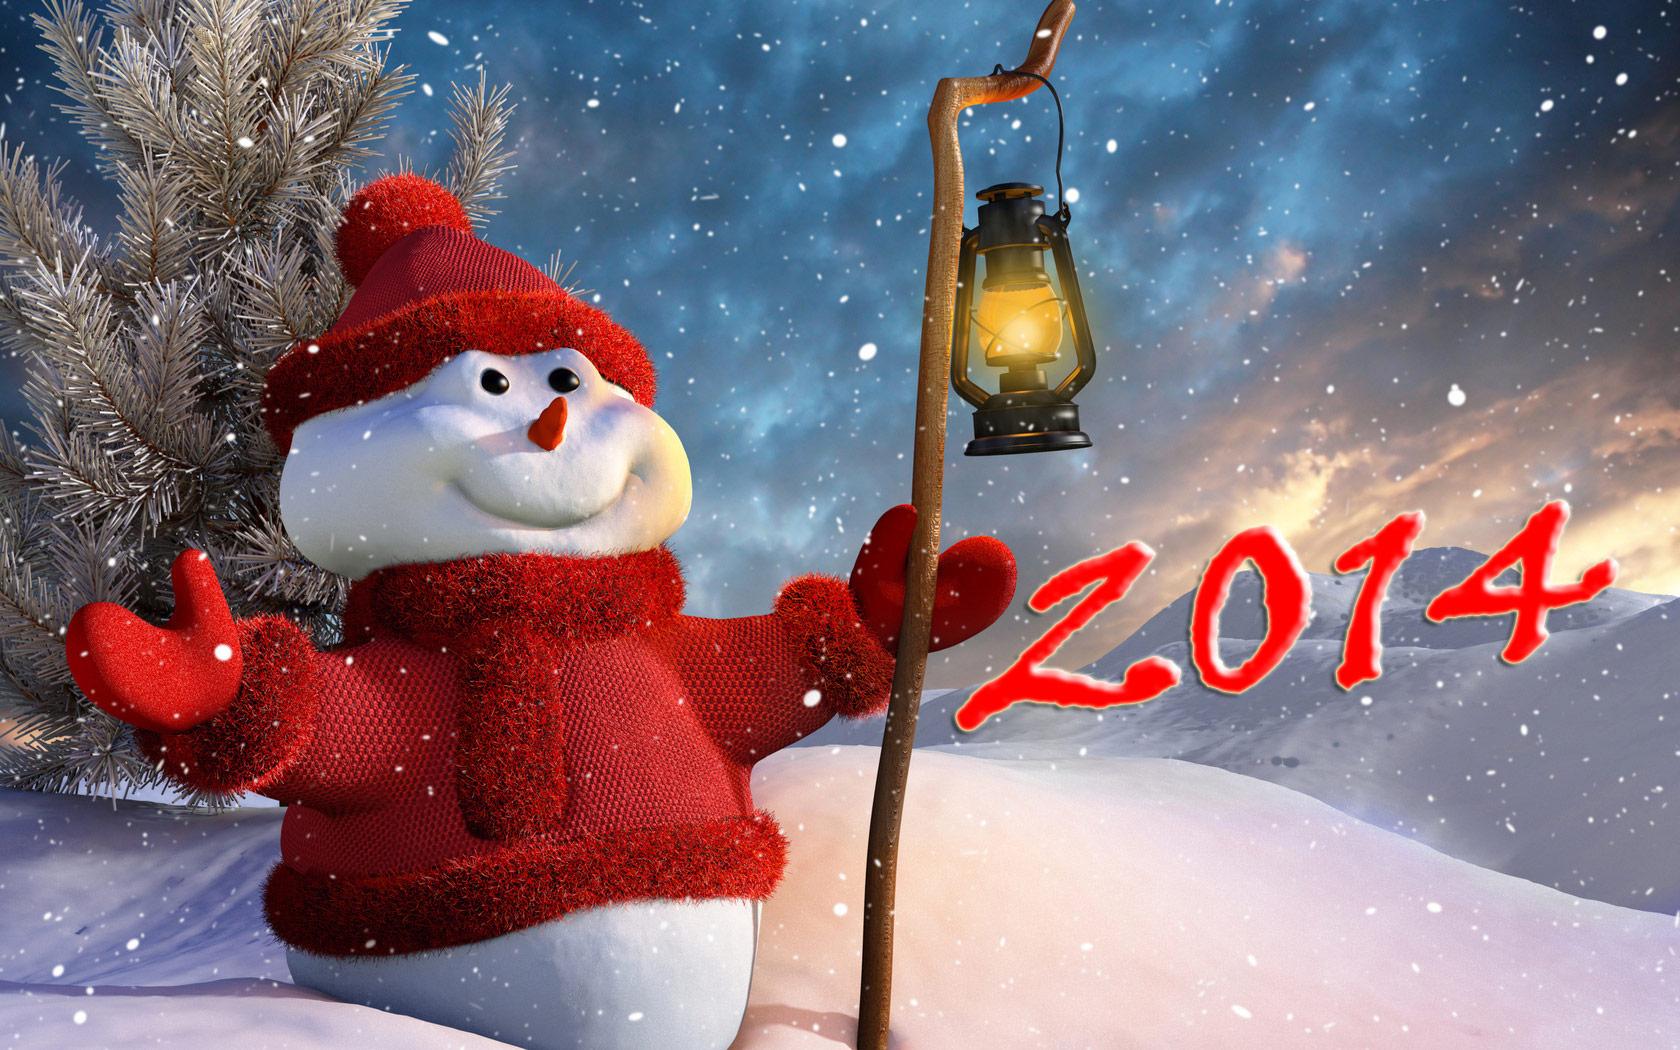 Открытки. Праздники Открытки на Новый год 2014